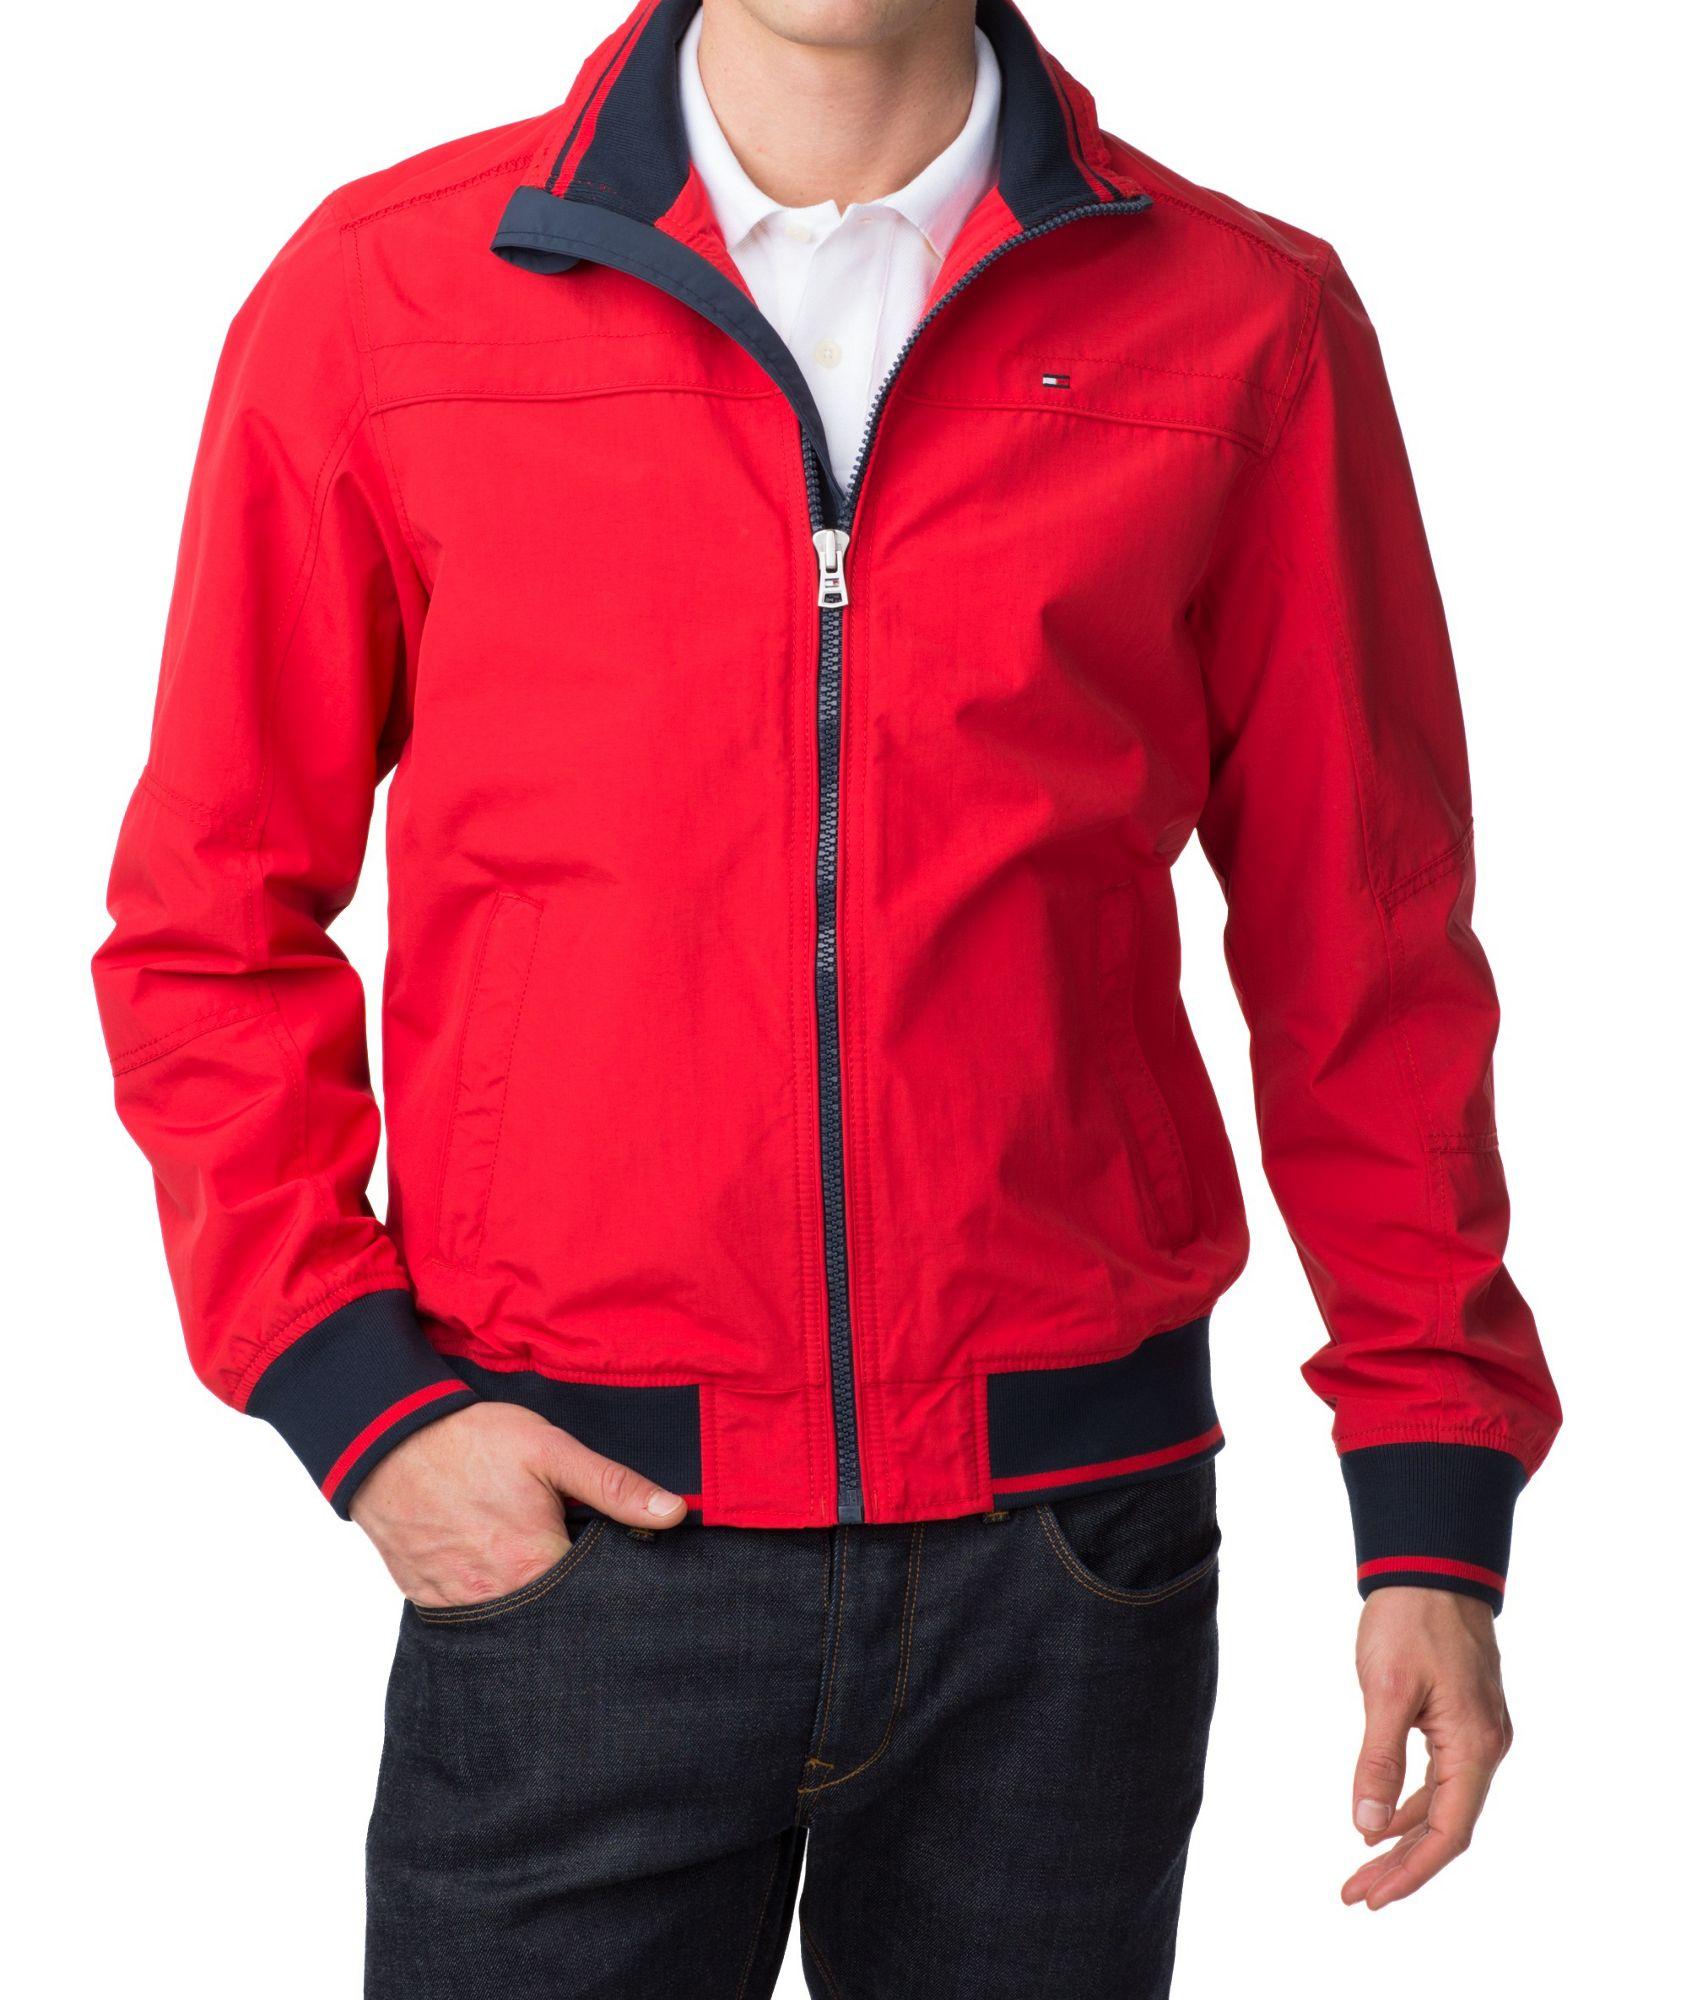 tommy hilfiger matt bomber jacket in red for men purple lyst. Black Bedroom Furniture Sets. Home Design Ideas